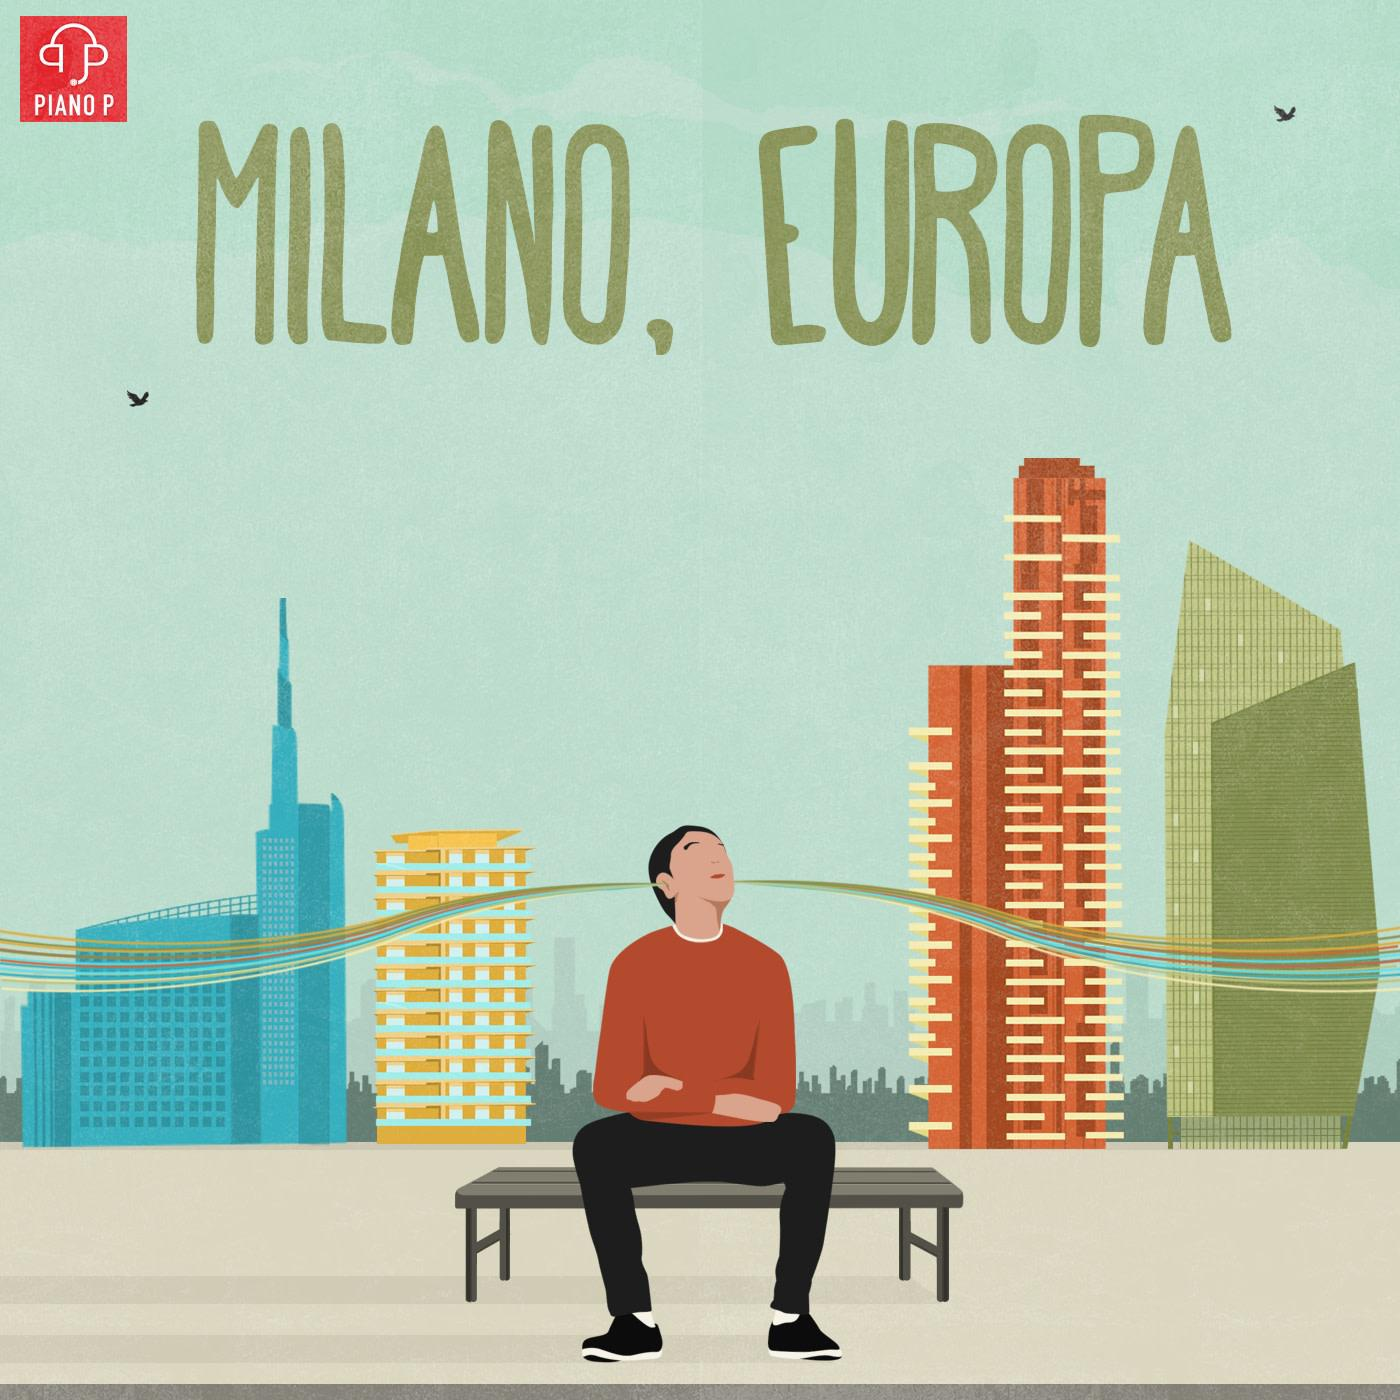 milano europa piano p 5 migliori Podcast italiani del 2019 dai Contenuti Perfetti